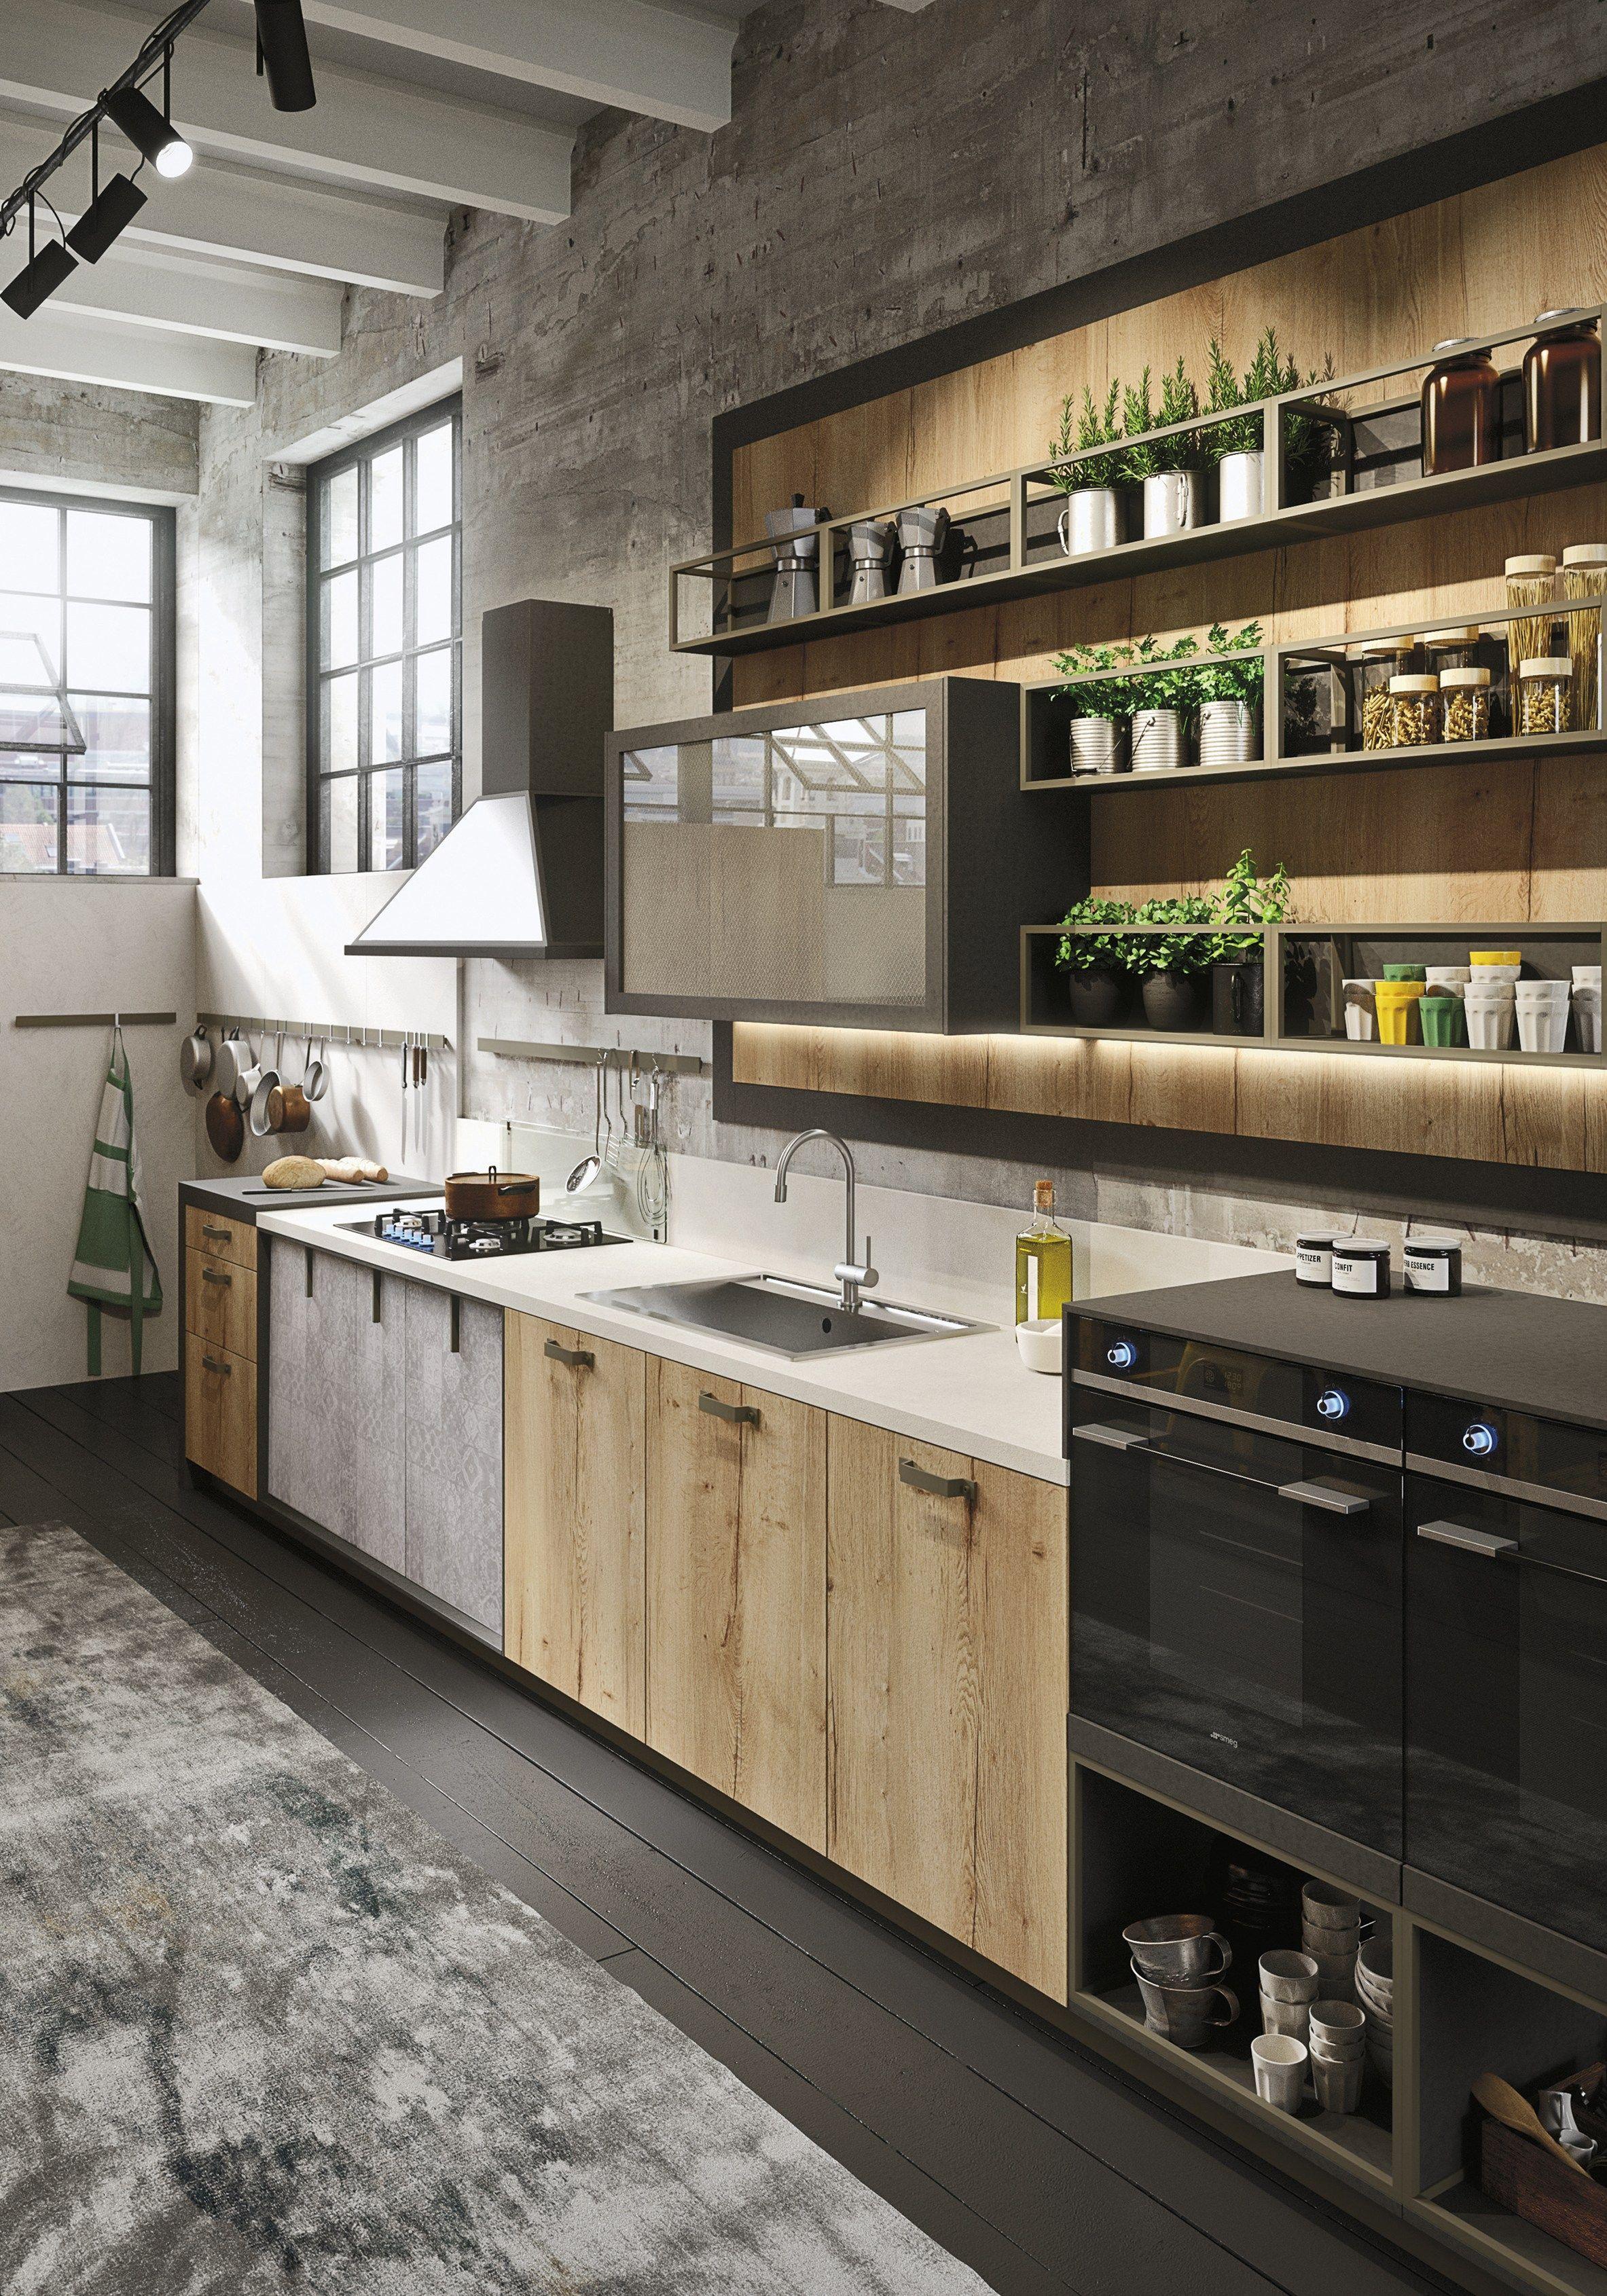 Küchenideen in kerala loft es la interpretación de la tendencia industrial con fuerte